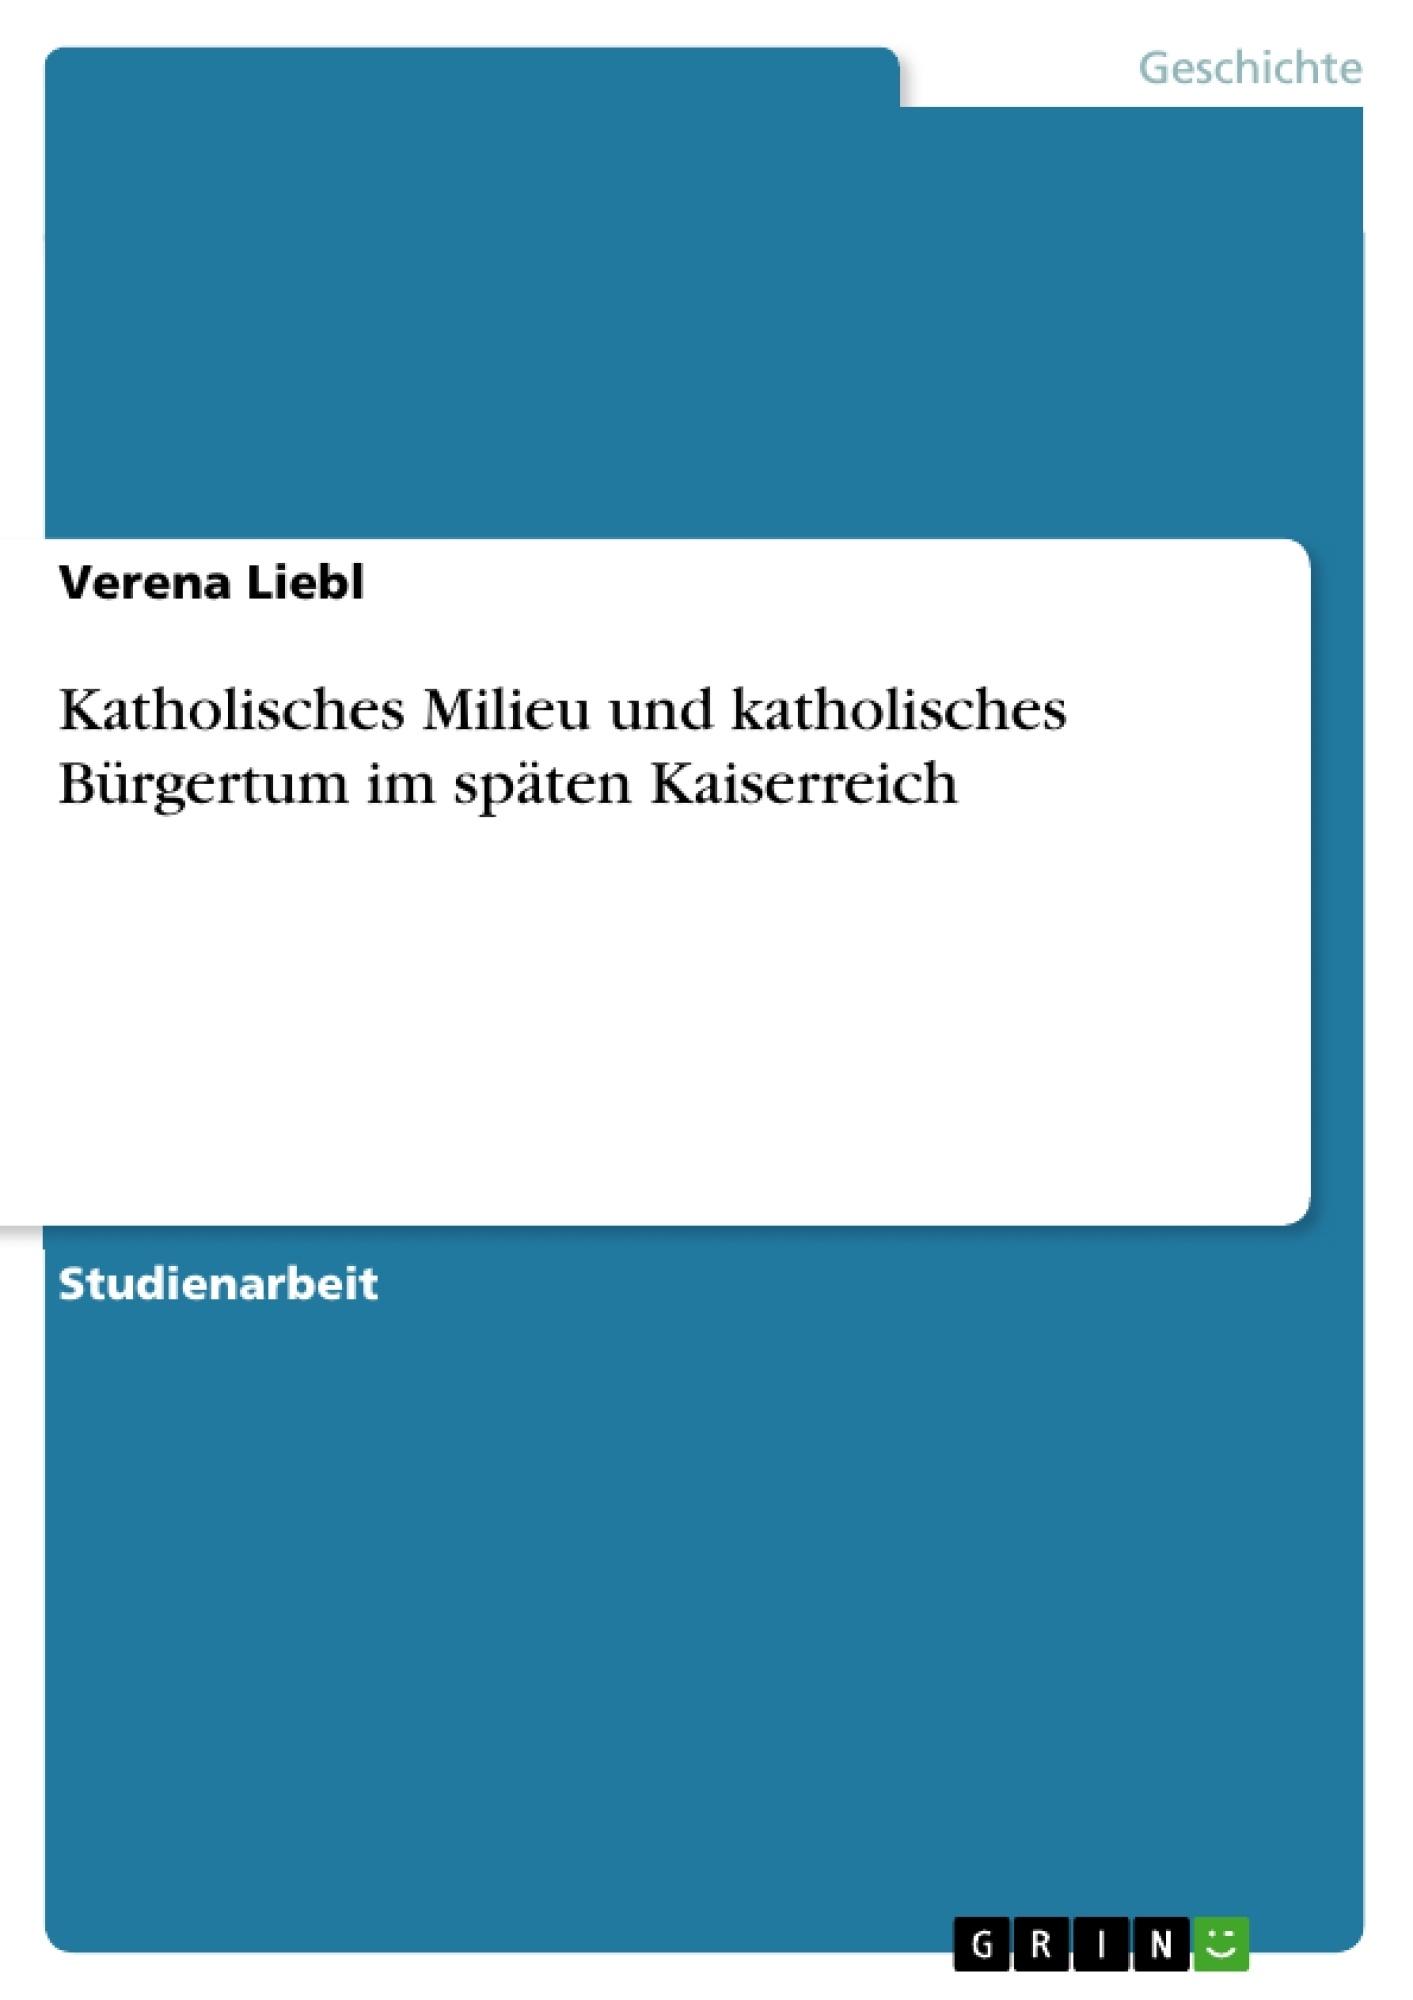 Titel: Katholisches Milieu und katholisches Bürgertum im späten Kaiserreich